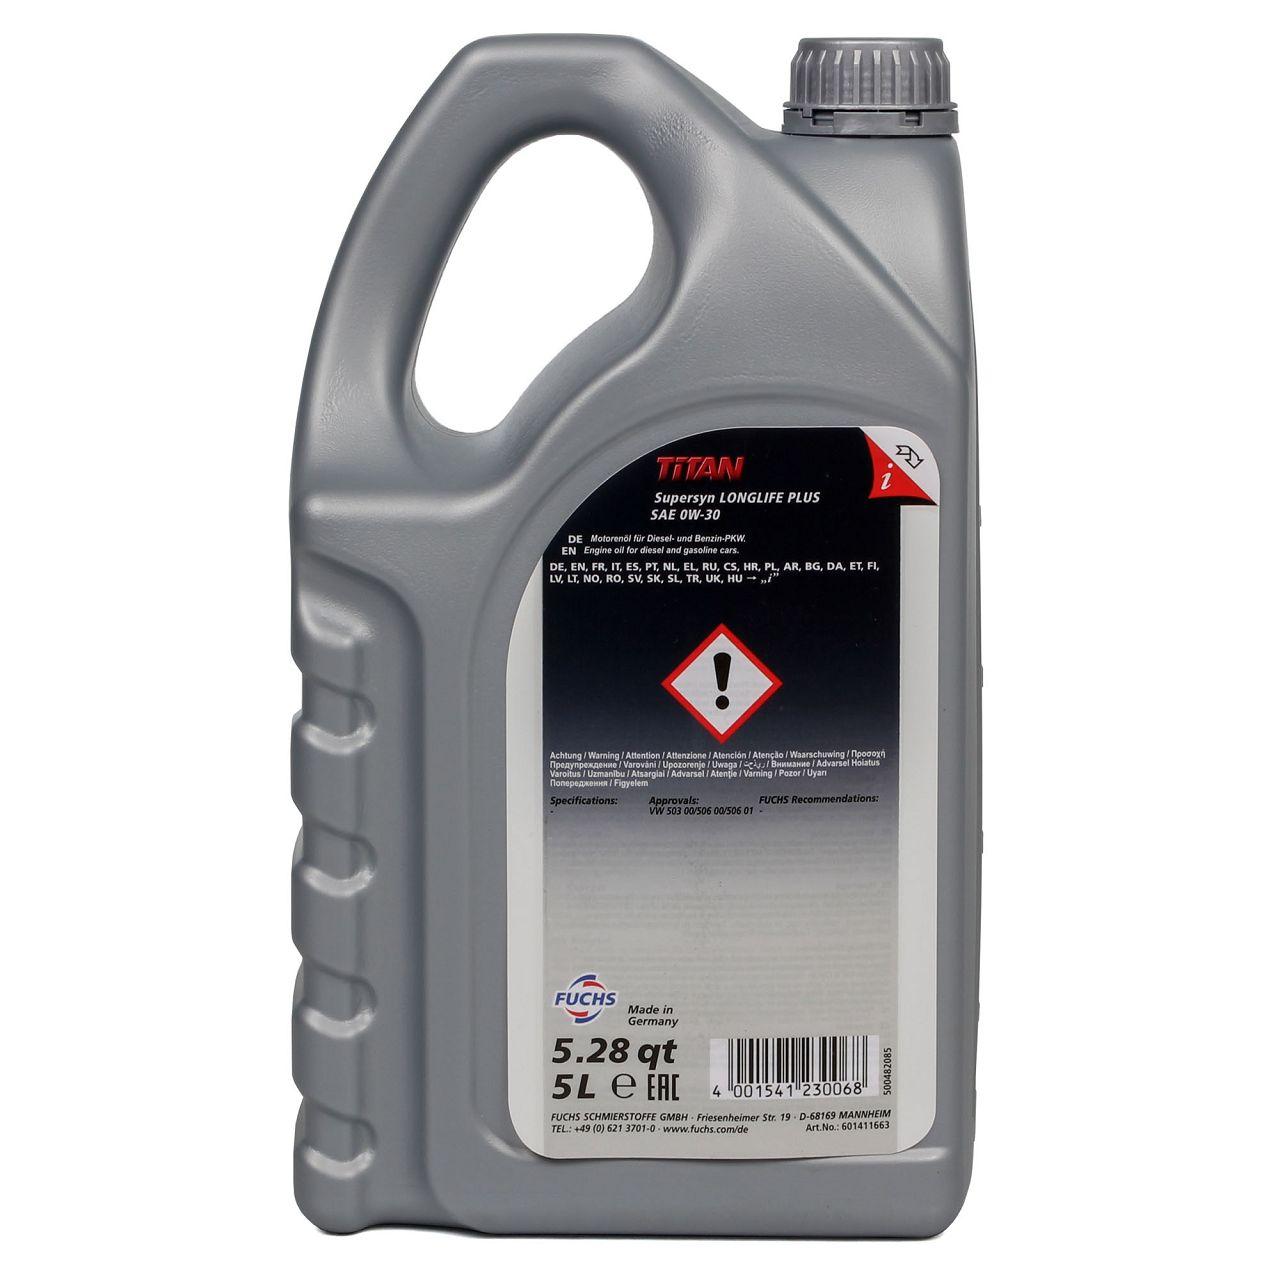 FUCHS Motoröl TITAN 0W-30 0W30 SuperSyn LongLife Plus VW 503.00 506.01 5Liter 5L